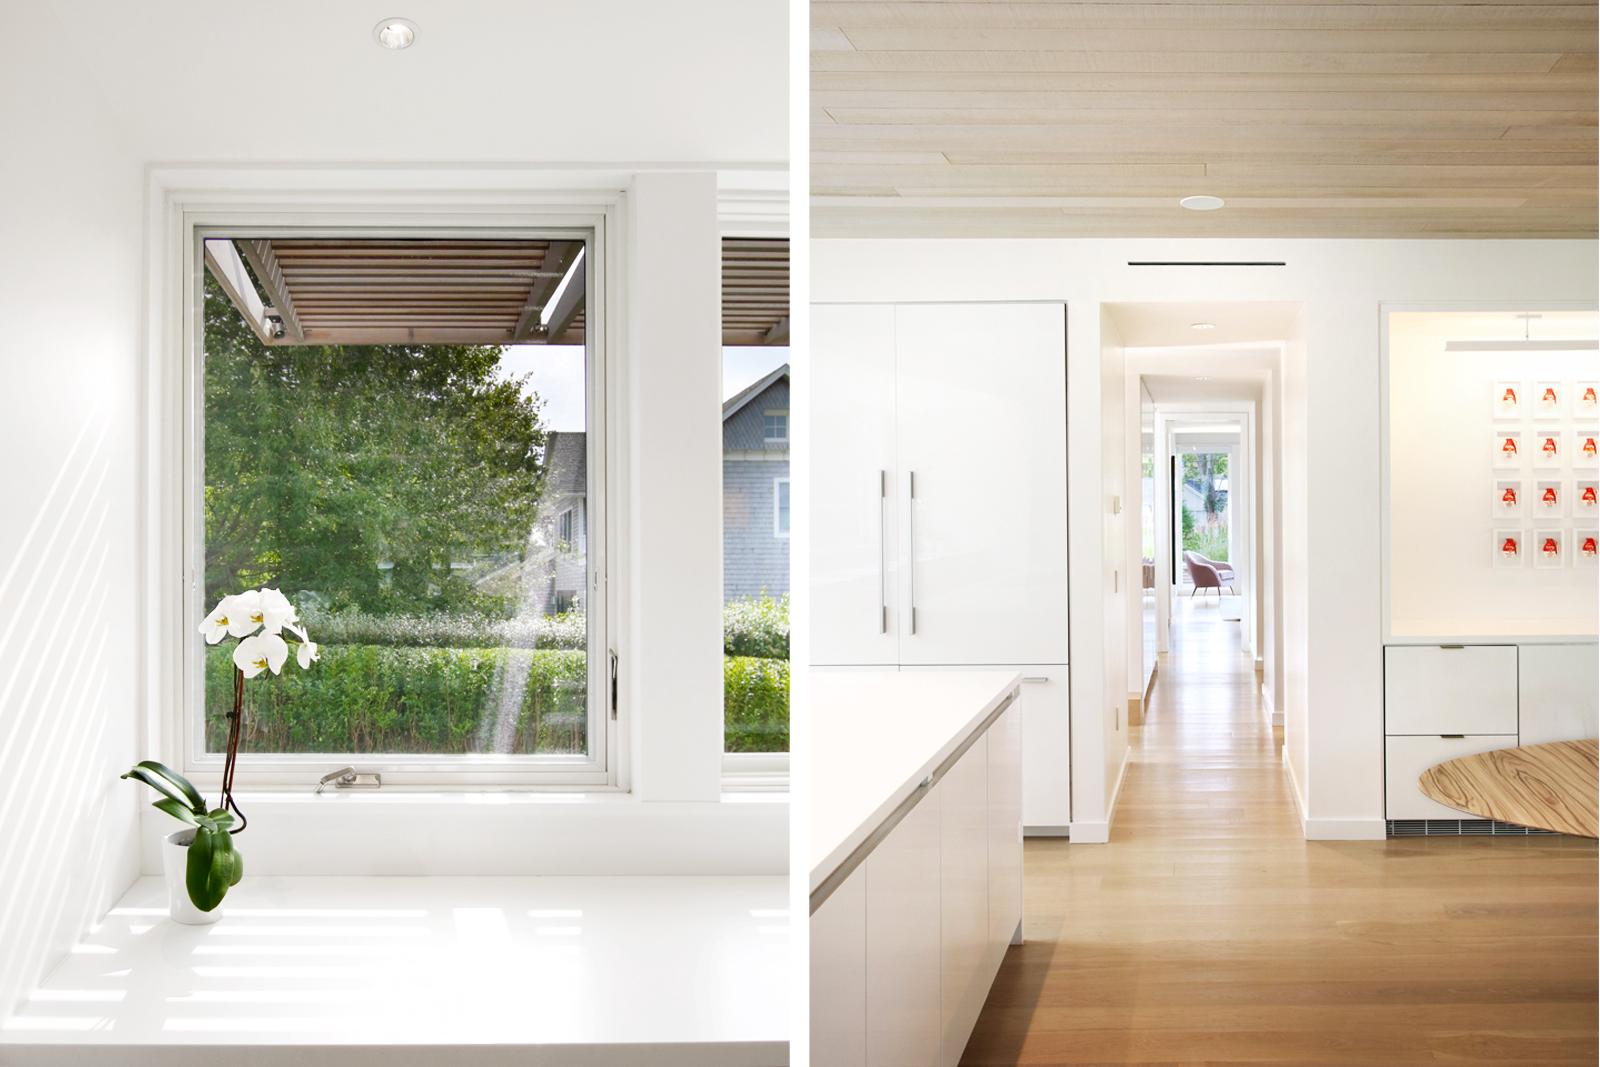 13-re4a-resolution-4-architecture-modern-modular-prefab-bridgehampton house-interior-kitchen-hall-master-bed-room.jpg